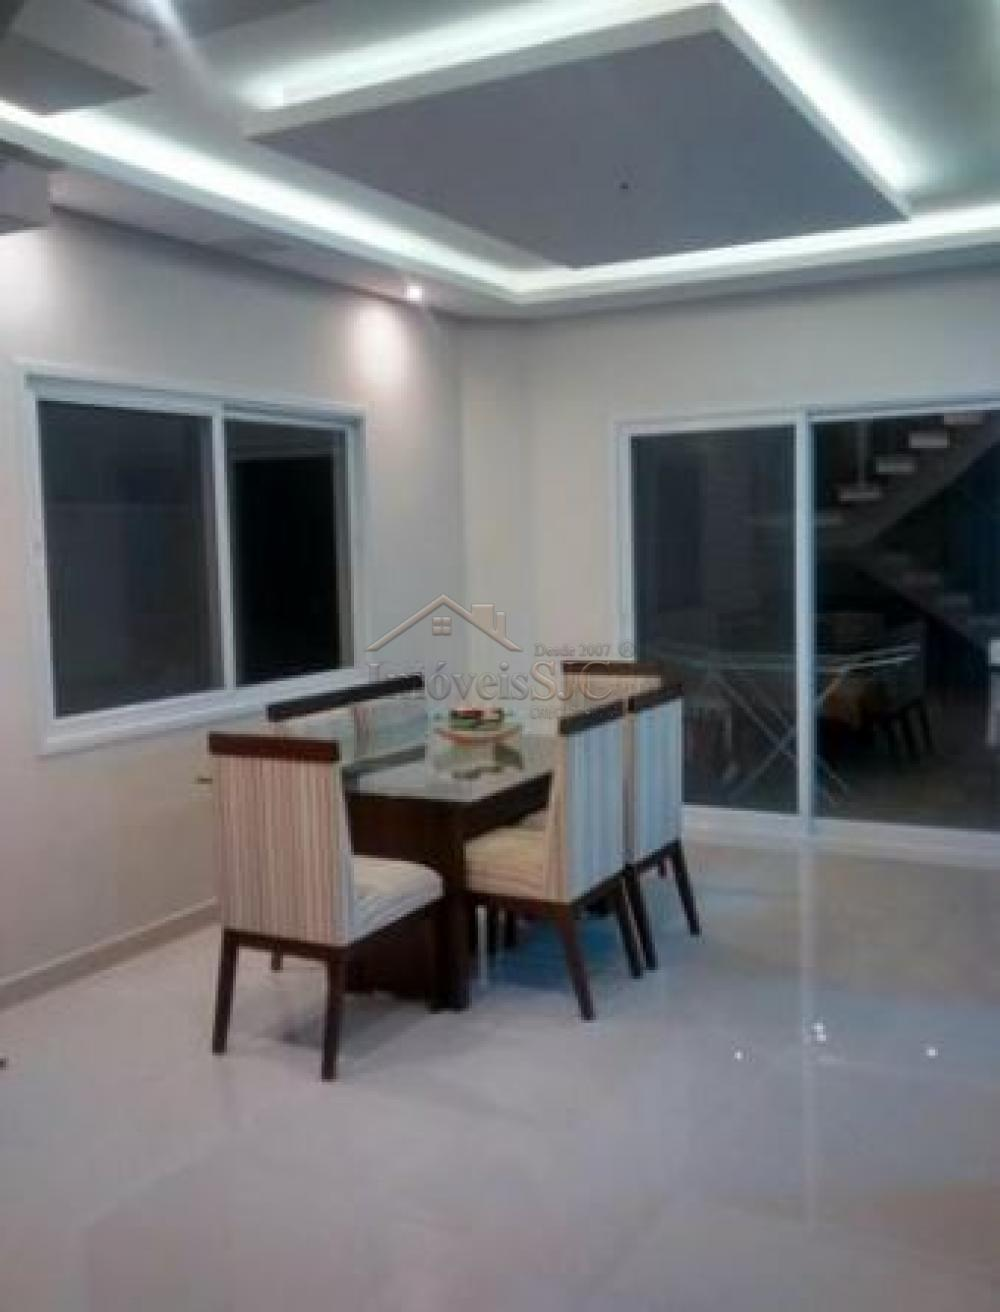 Comprar Casas / Condomínio em São José dos Campos apenas R$ 900.000,00 - Foto 6